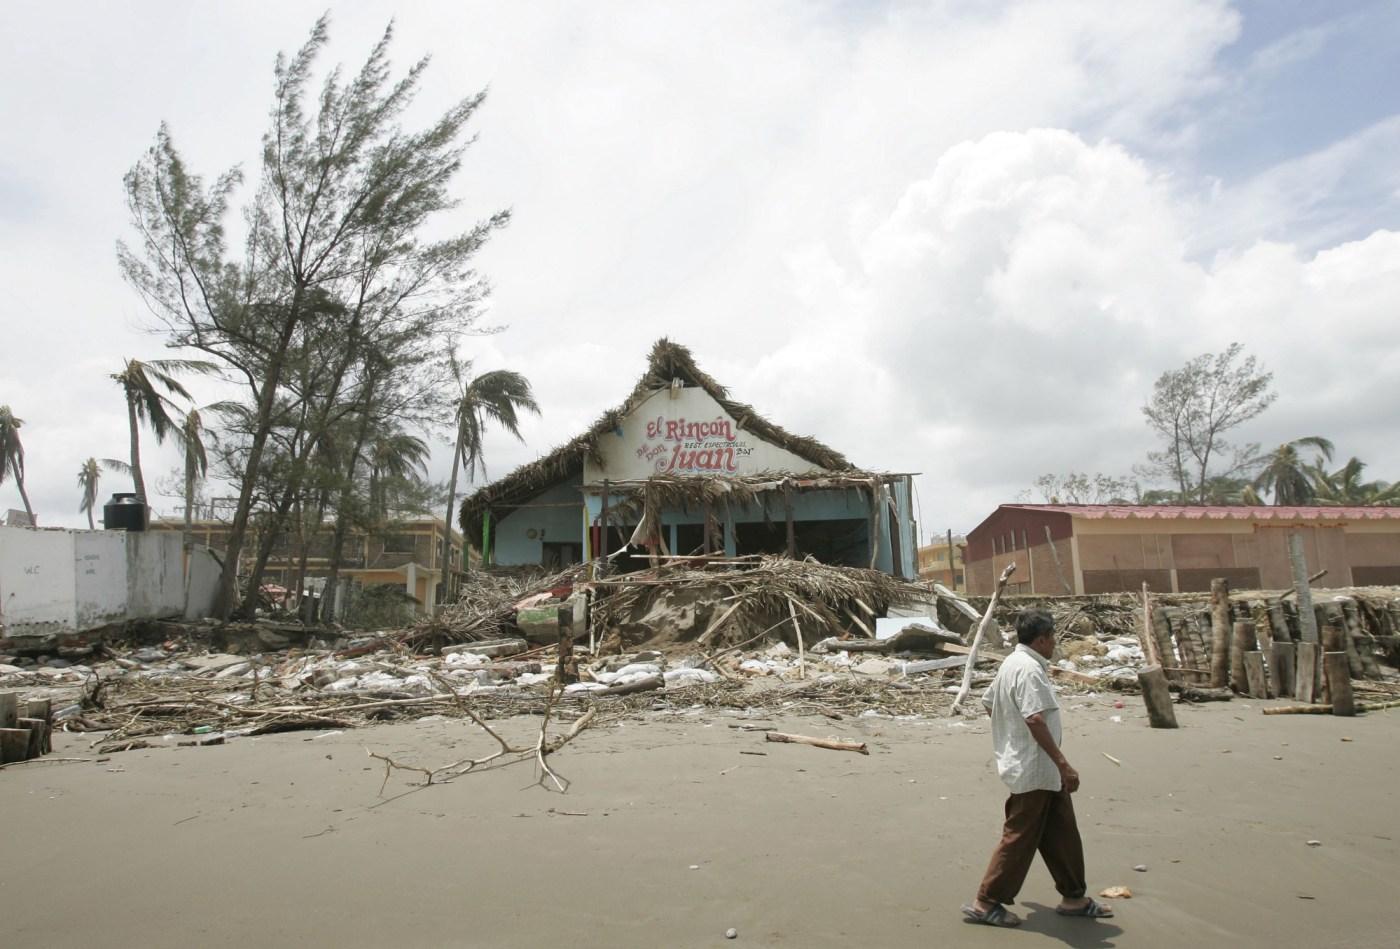 Un hombre pasa junto a unos escombros en la playa de Tecolutla en Veracruz tras la llegada del huracán Dean.